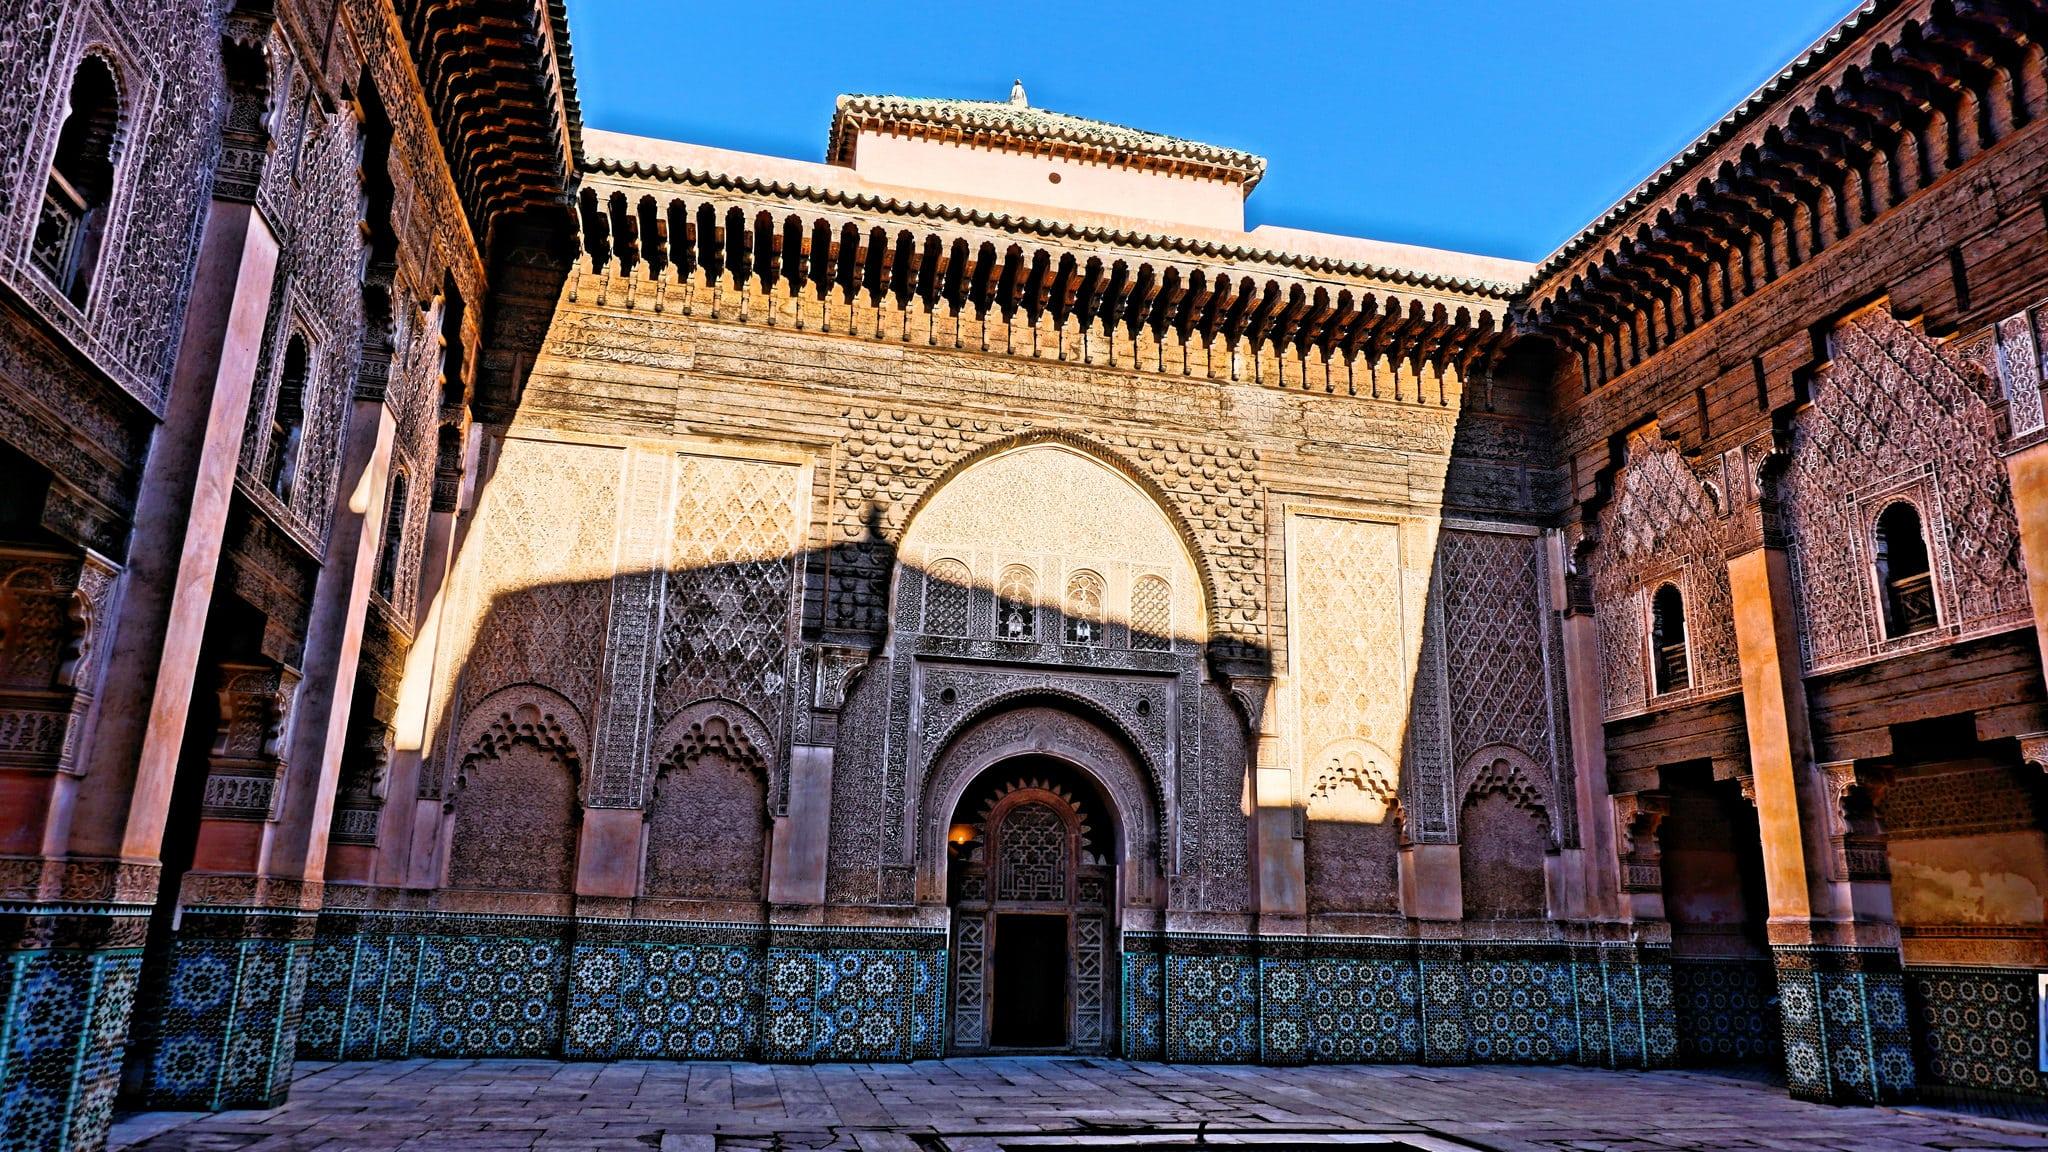 1 semaine à Marrakech pour 137€ /personne • Vols + Riad compris